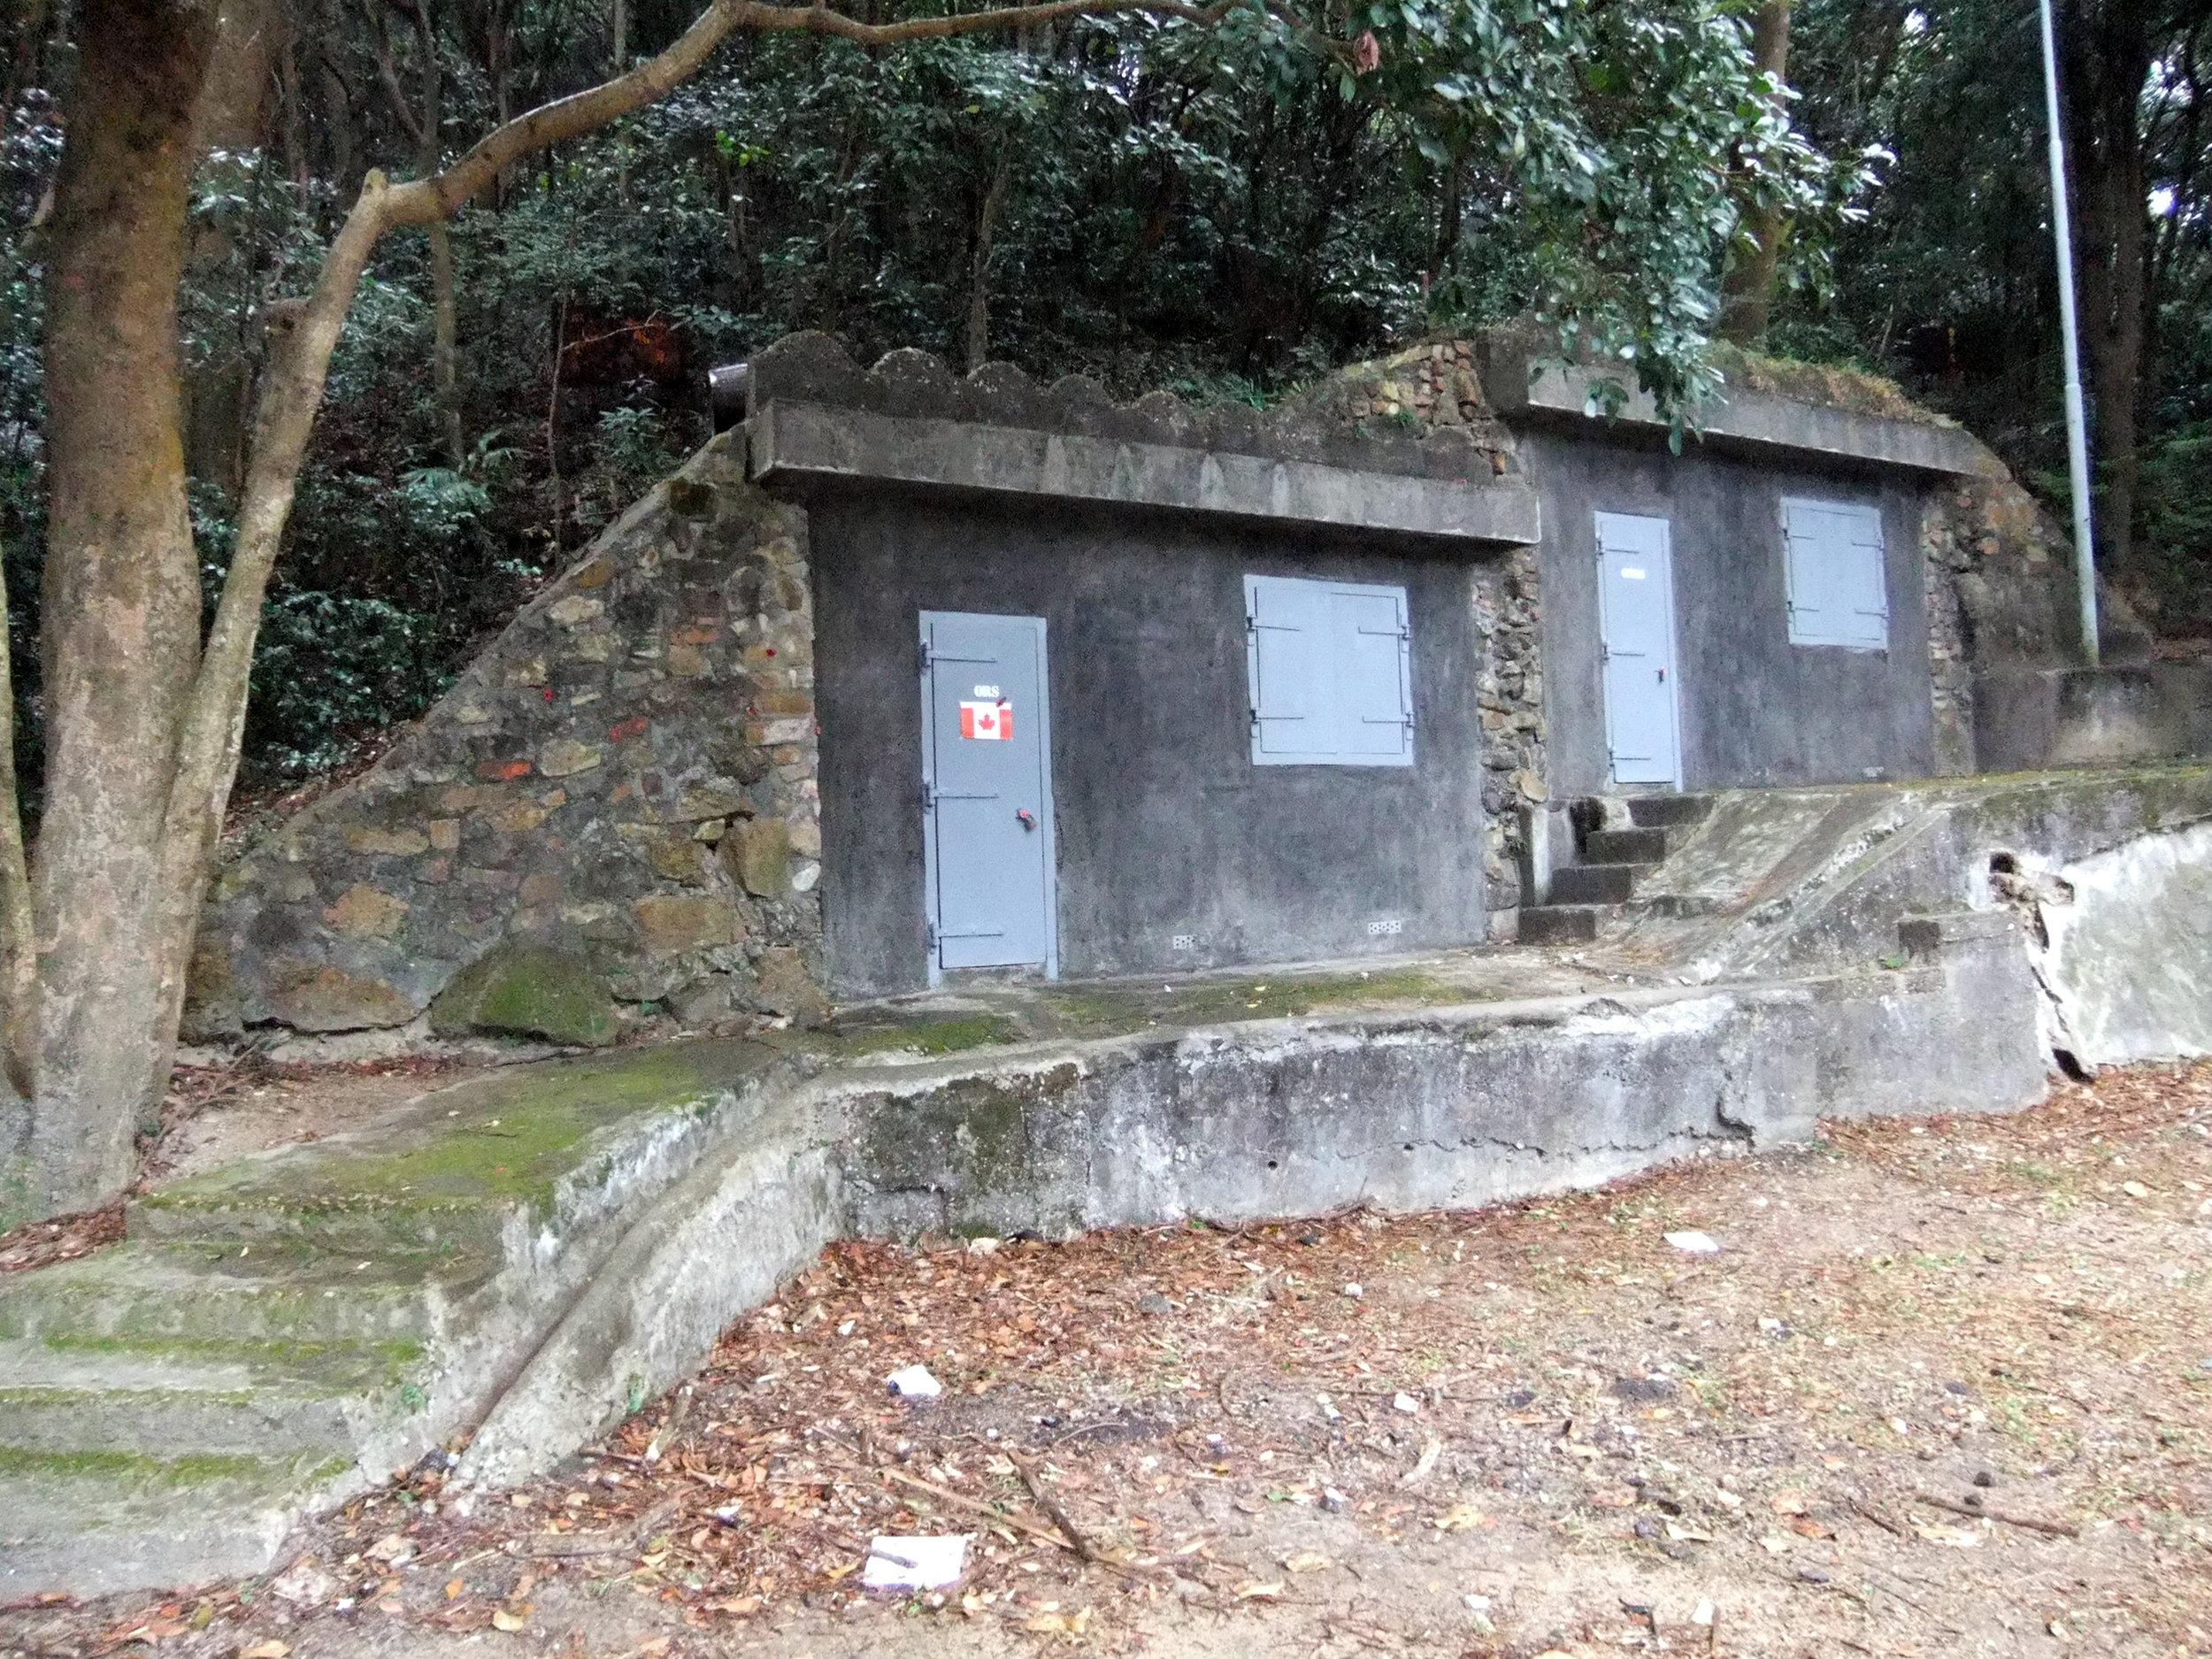 Wong Nai Chung Gap Trail